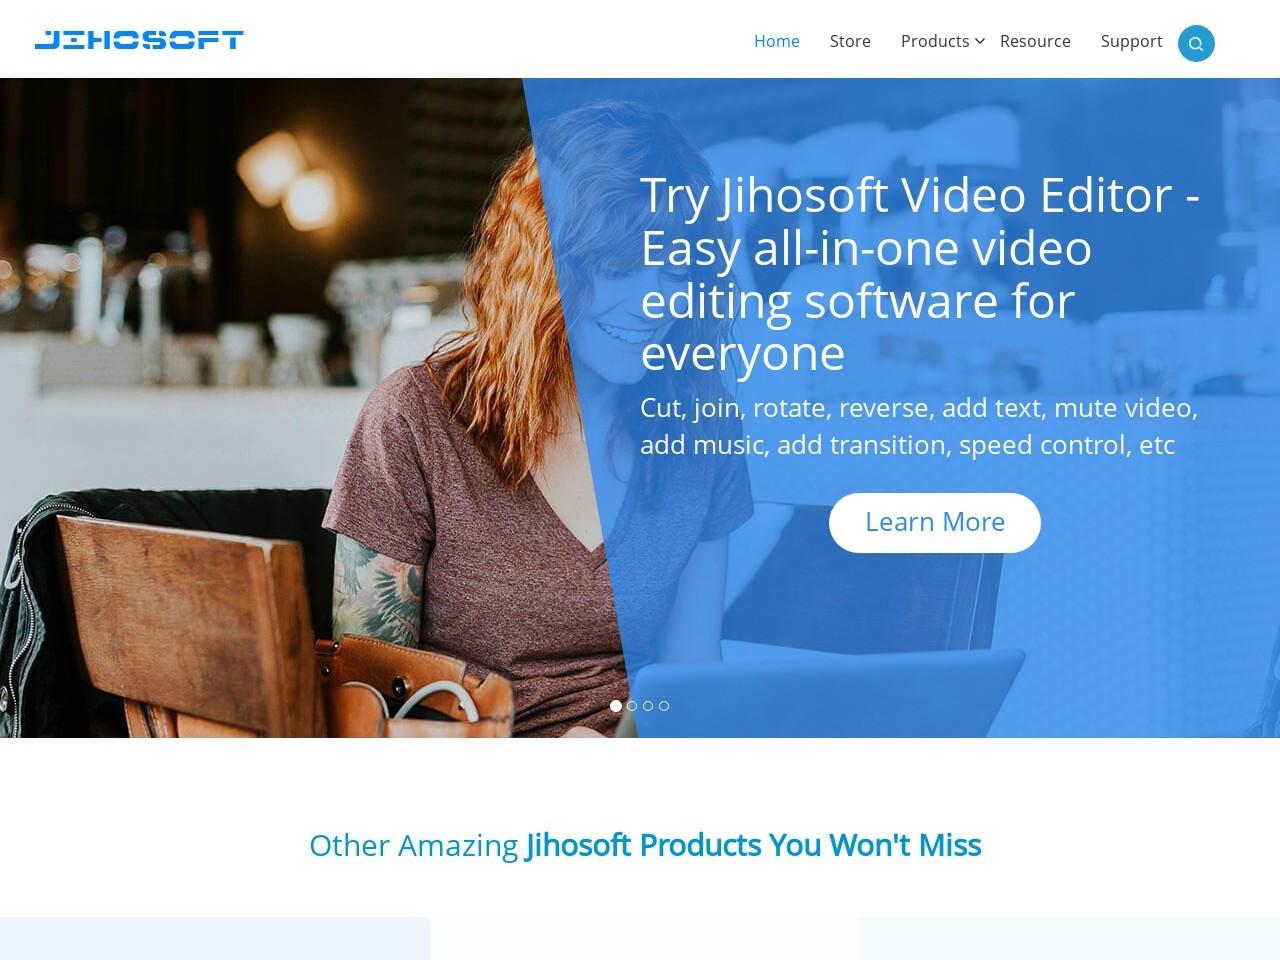 jihosoft.com